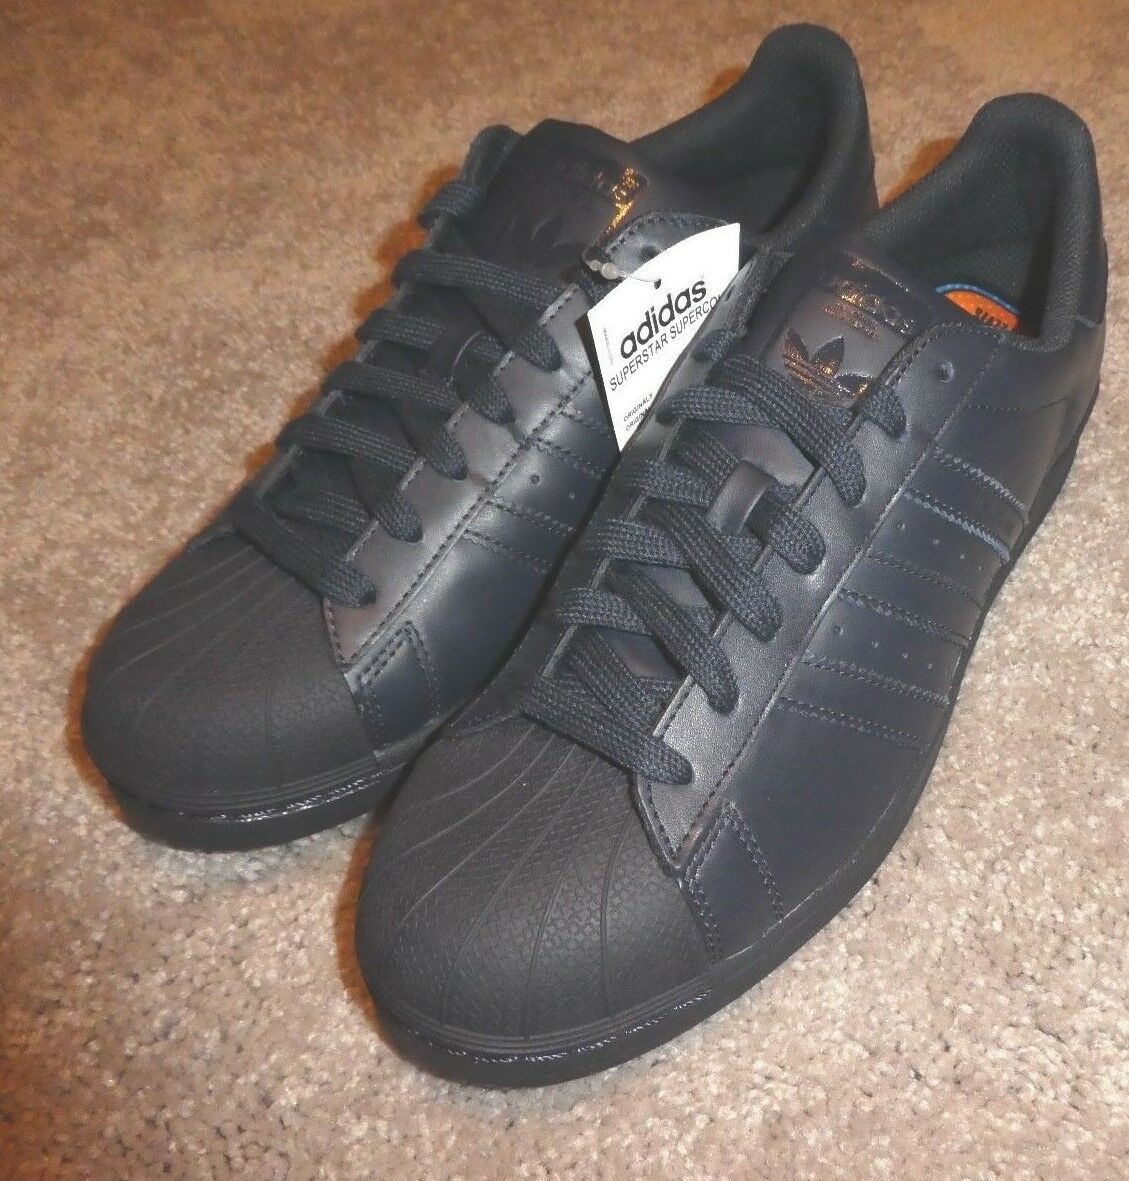 1b839959cc Adidas Superstar Shelltoe Supercolor Supercolor Supercolor shoes mens new  S83393 navy Pharrell 6ed01f